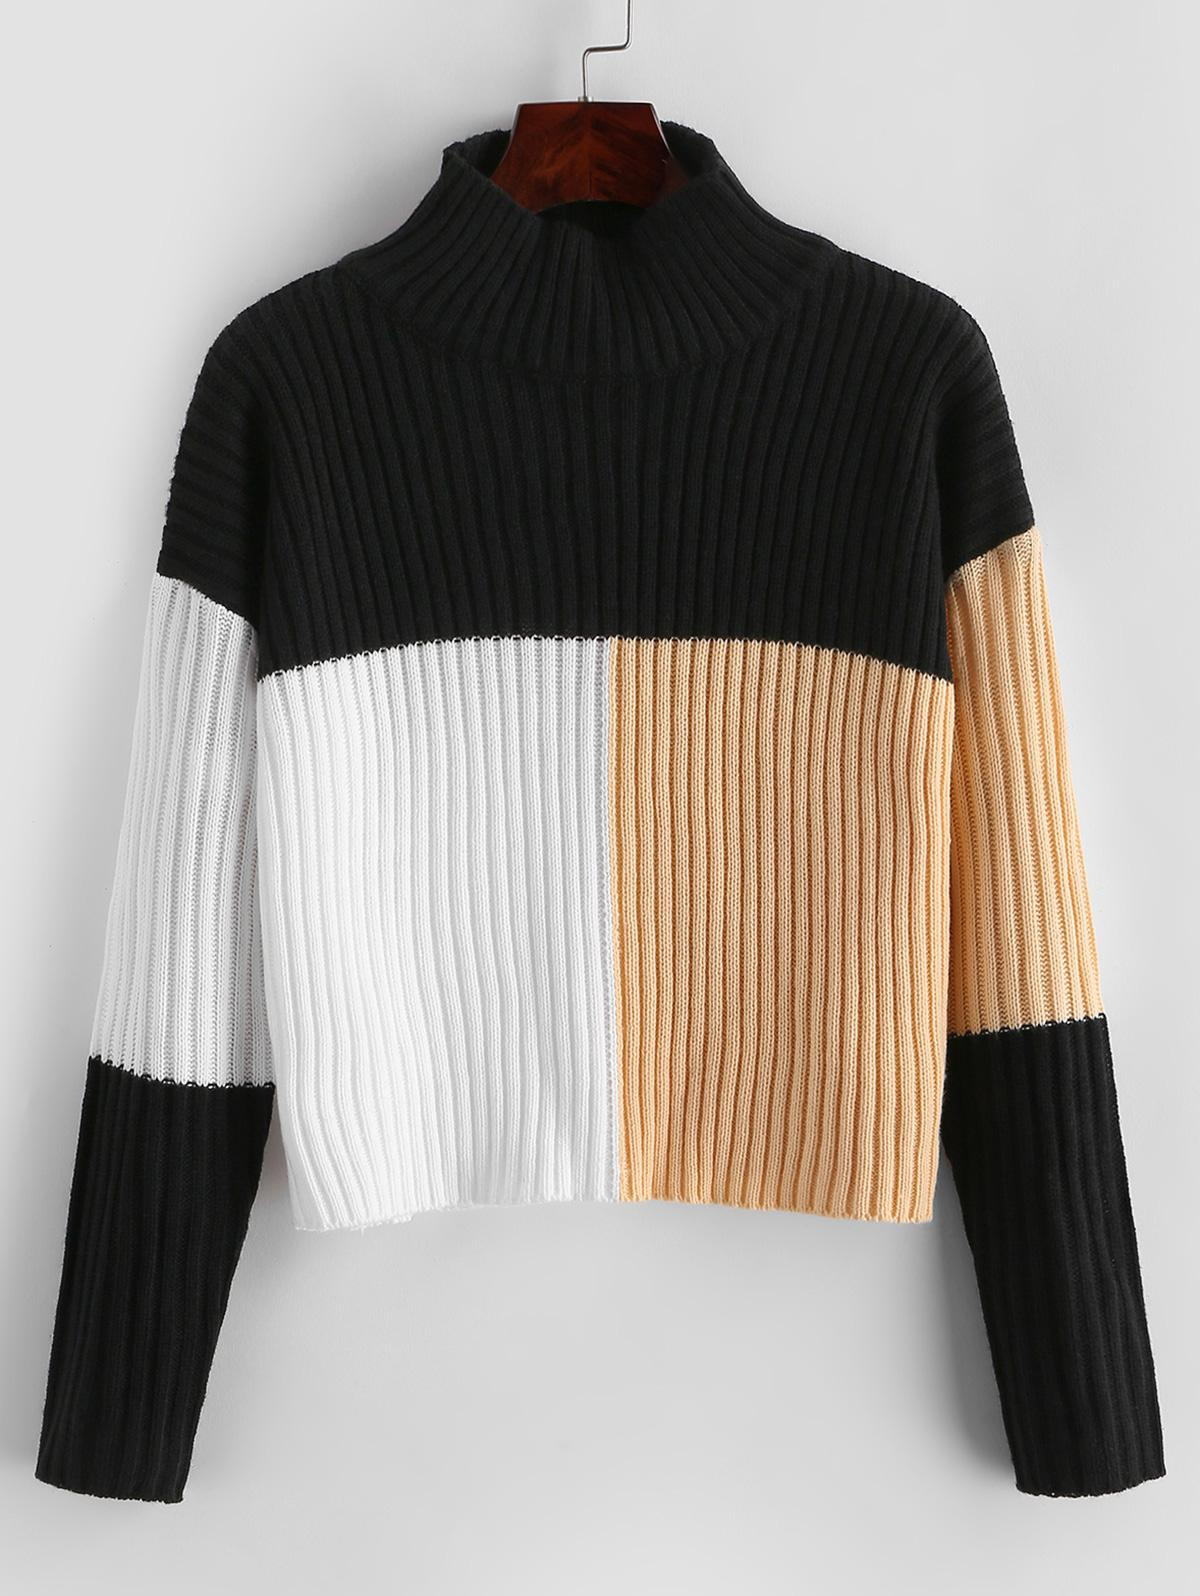 Colorblock Mock Neck Crop Sweater